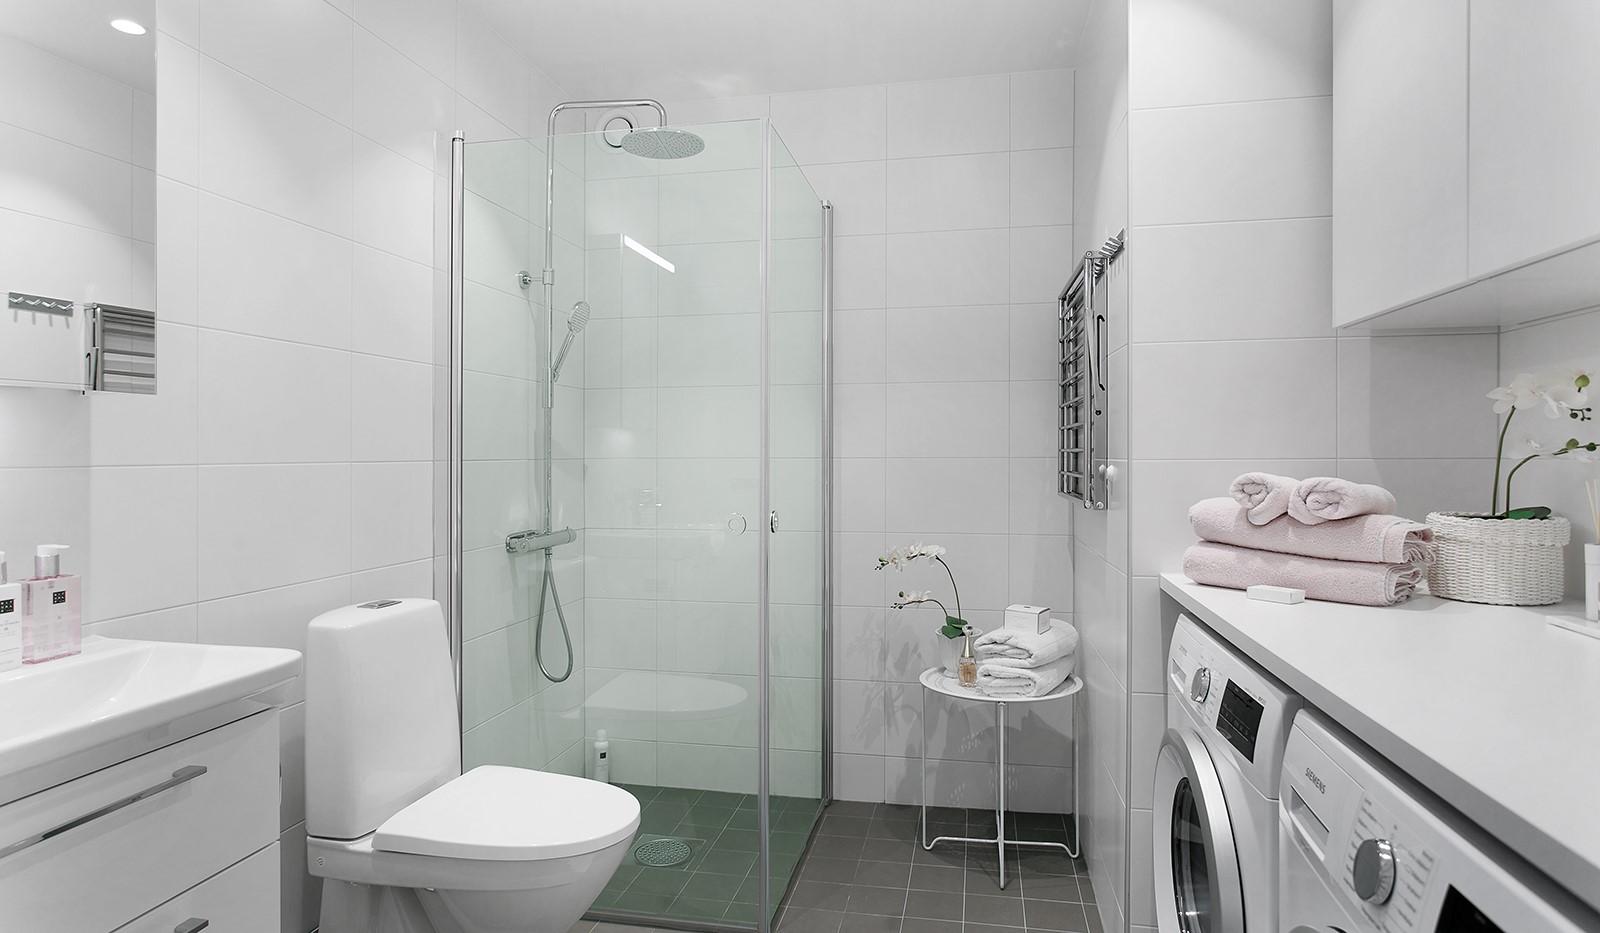 Oskarslundsbacken 13, 2tr - Fullt utrustat badrum med tvättmaskin och torktumlare